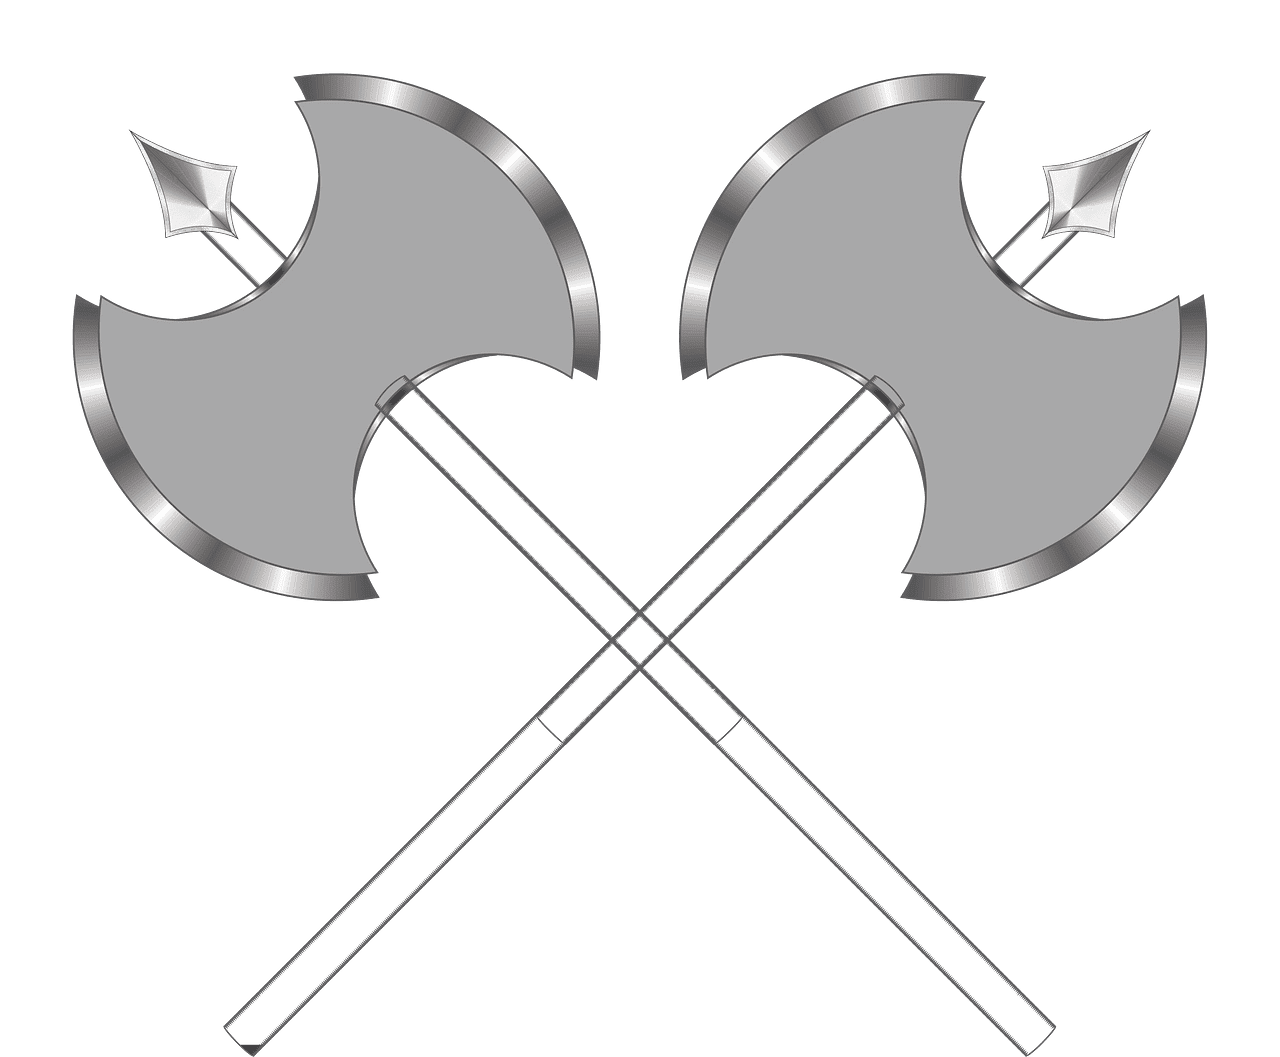 Battle Axes clipart transparent